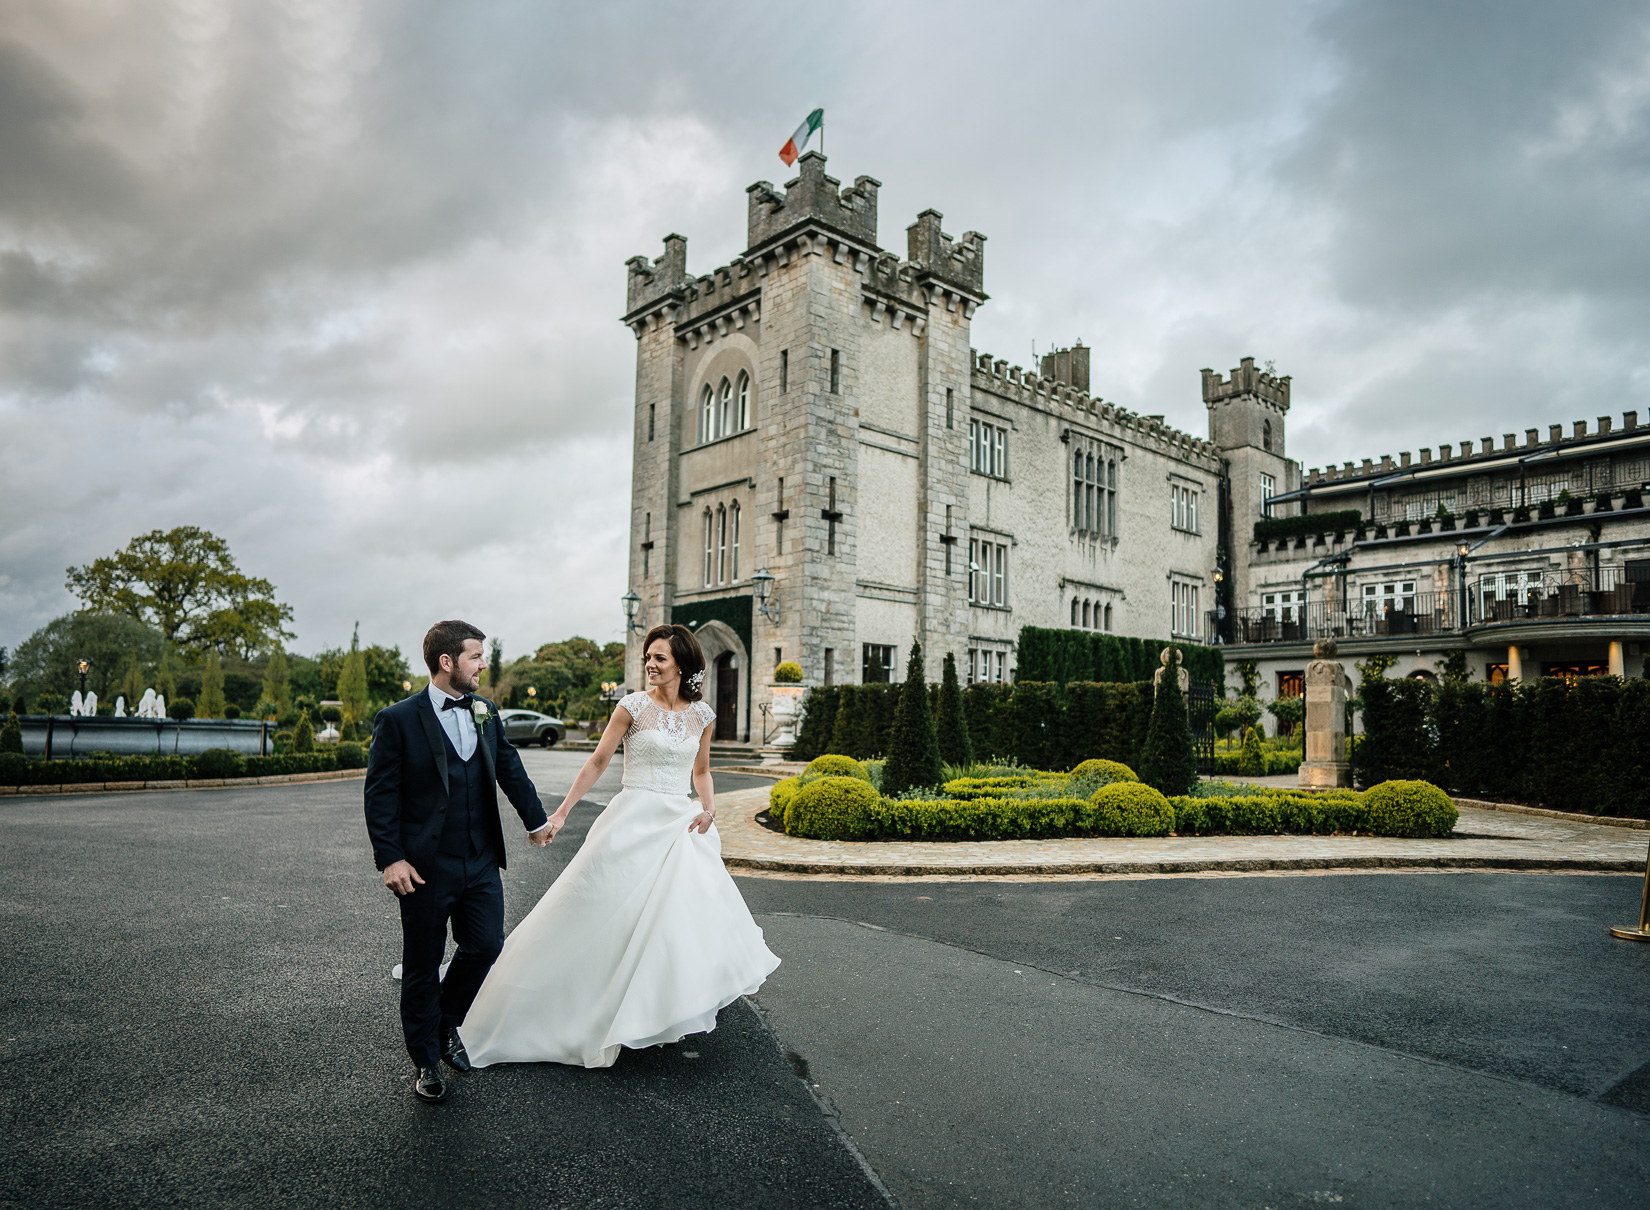 Wedding at Cabra Castle in Ireland